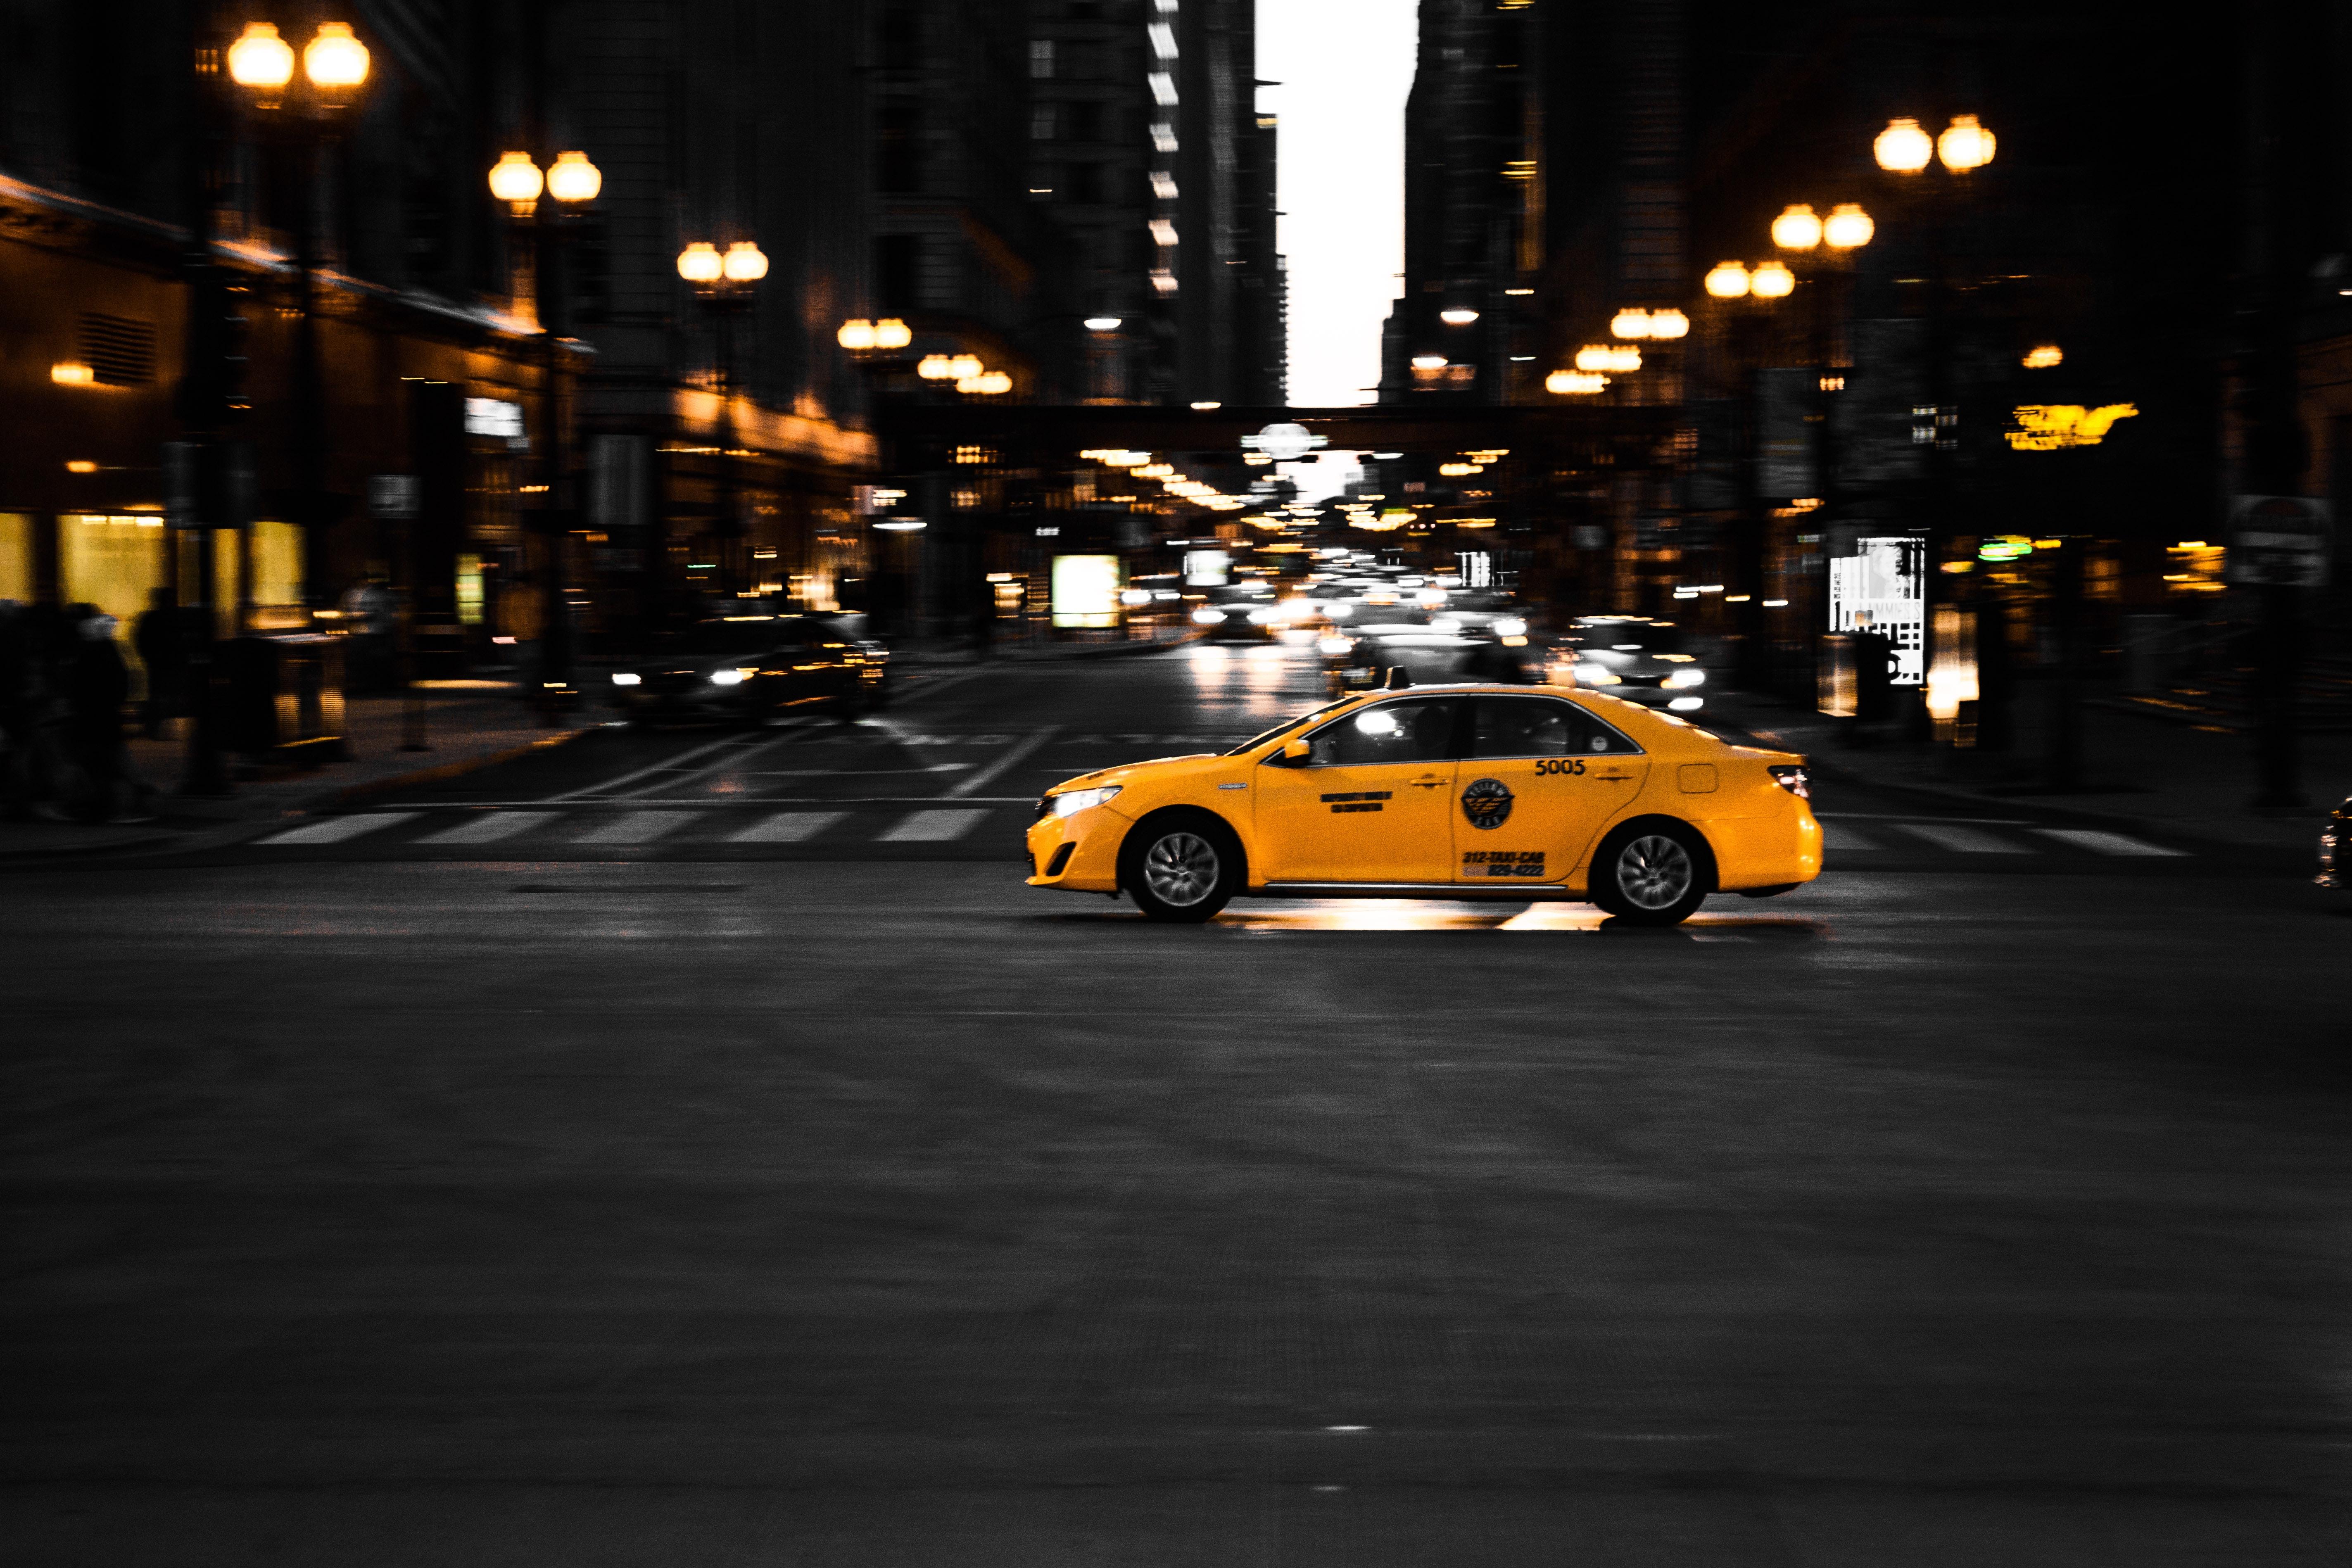 дома фото ночного такси готовую